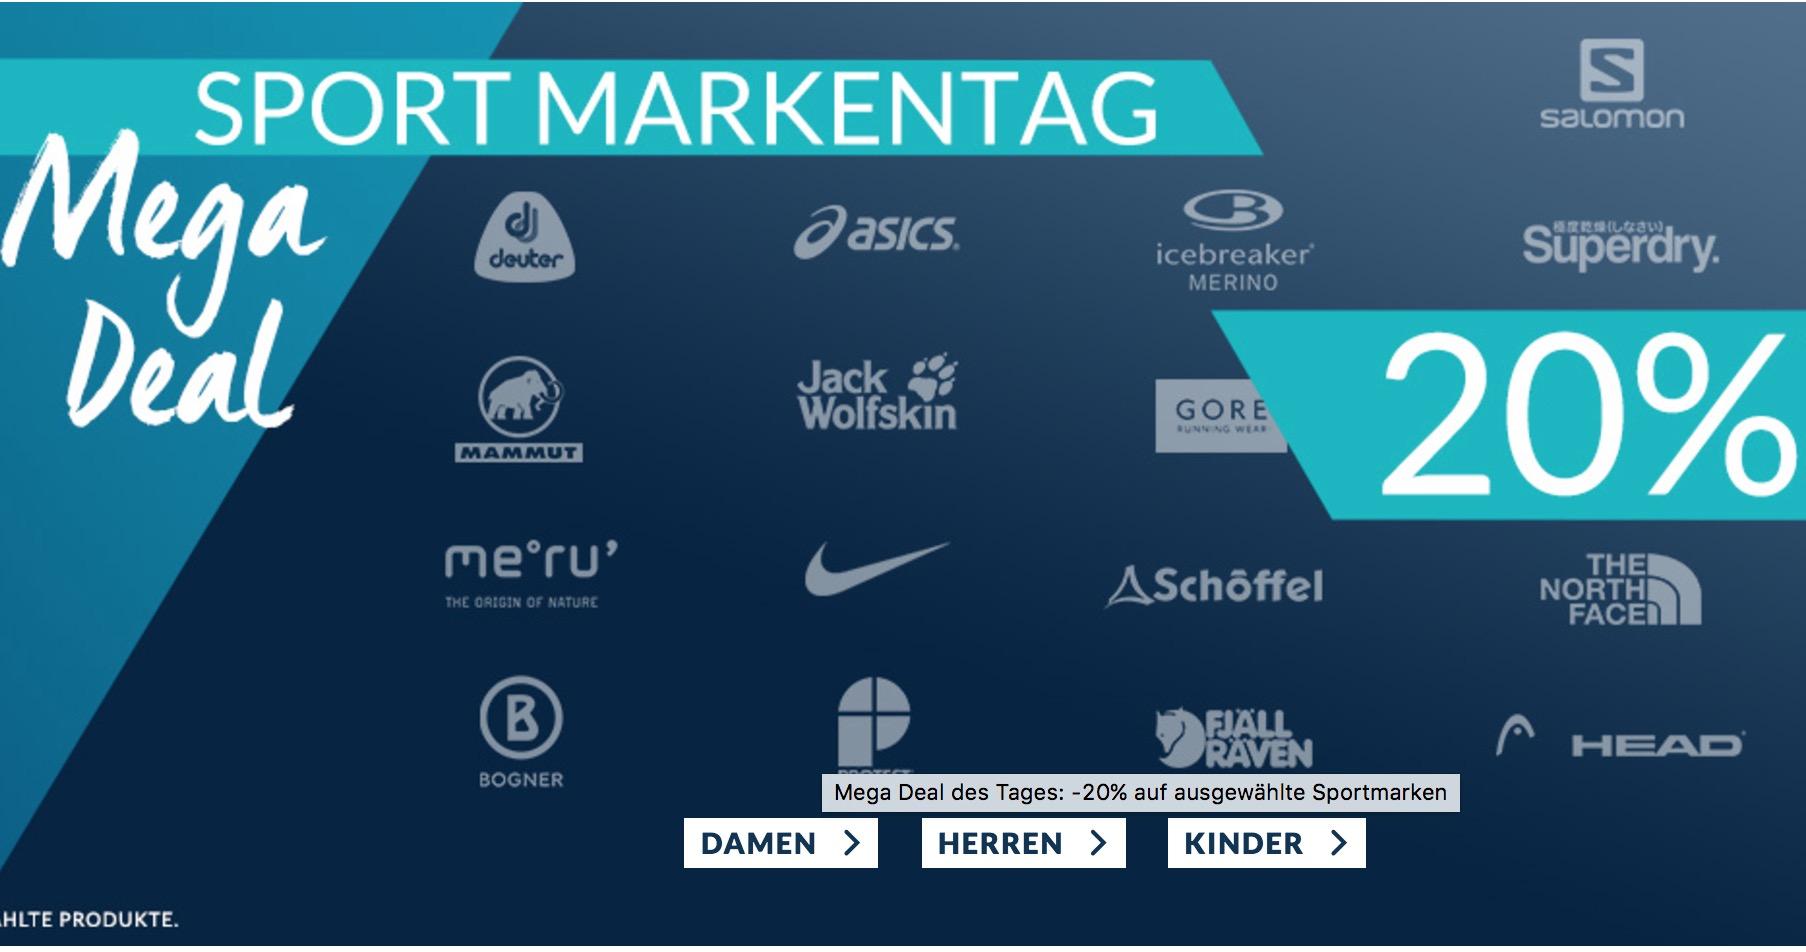 Sport Markentage mit 20% Extra-Rabatt auf zahlreiche Marken wie Nike, Adidas oder Jack Wolfskin